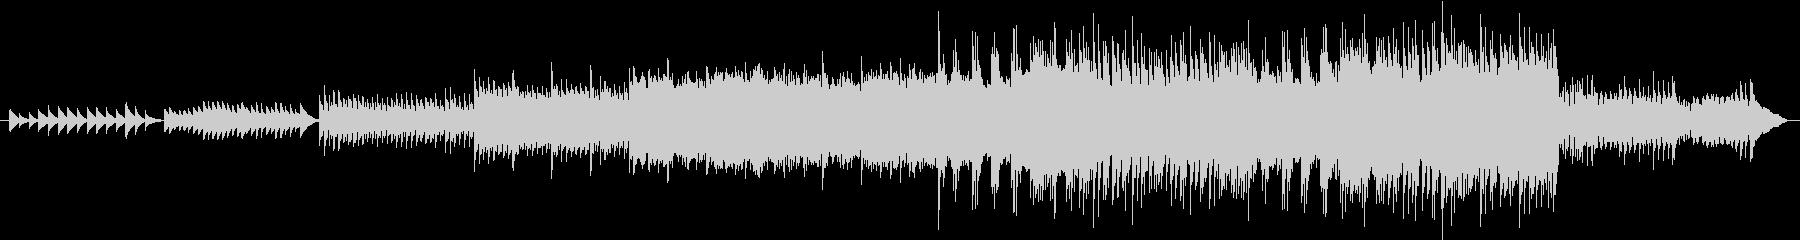 ビブラフォンの音がメインのほのぼの系の未再生の波形